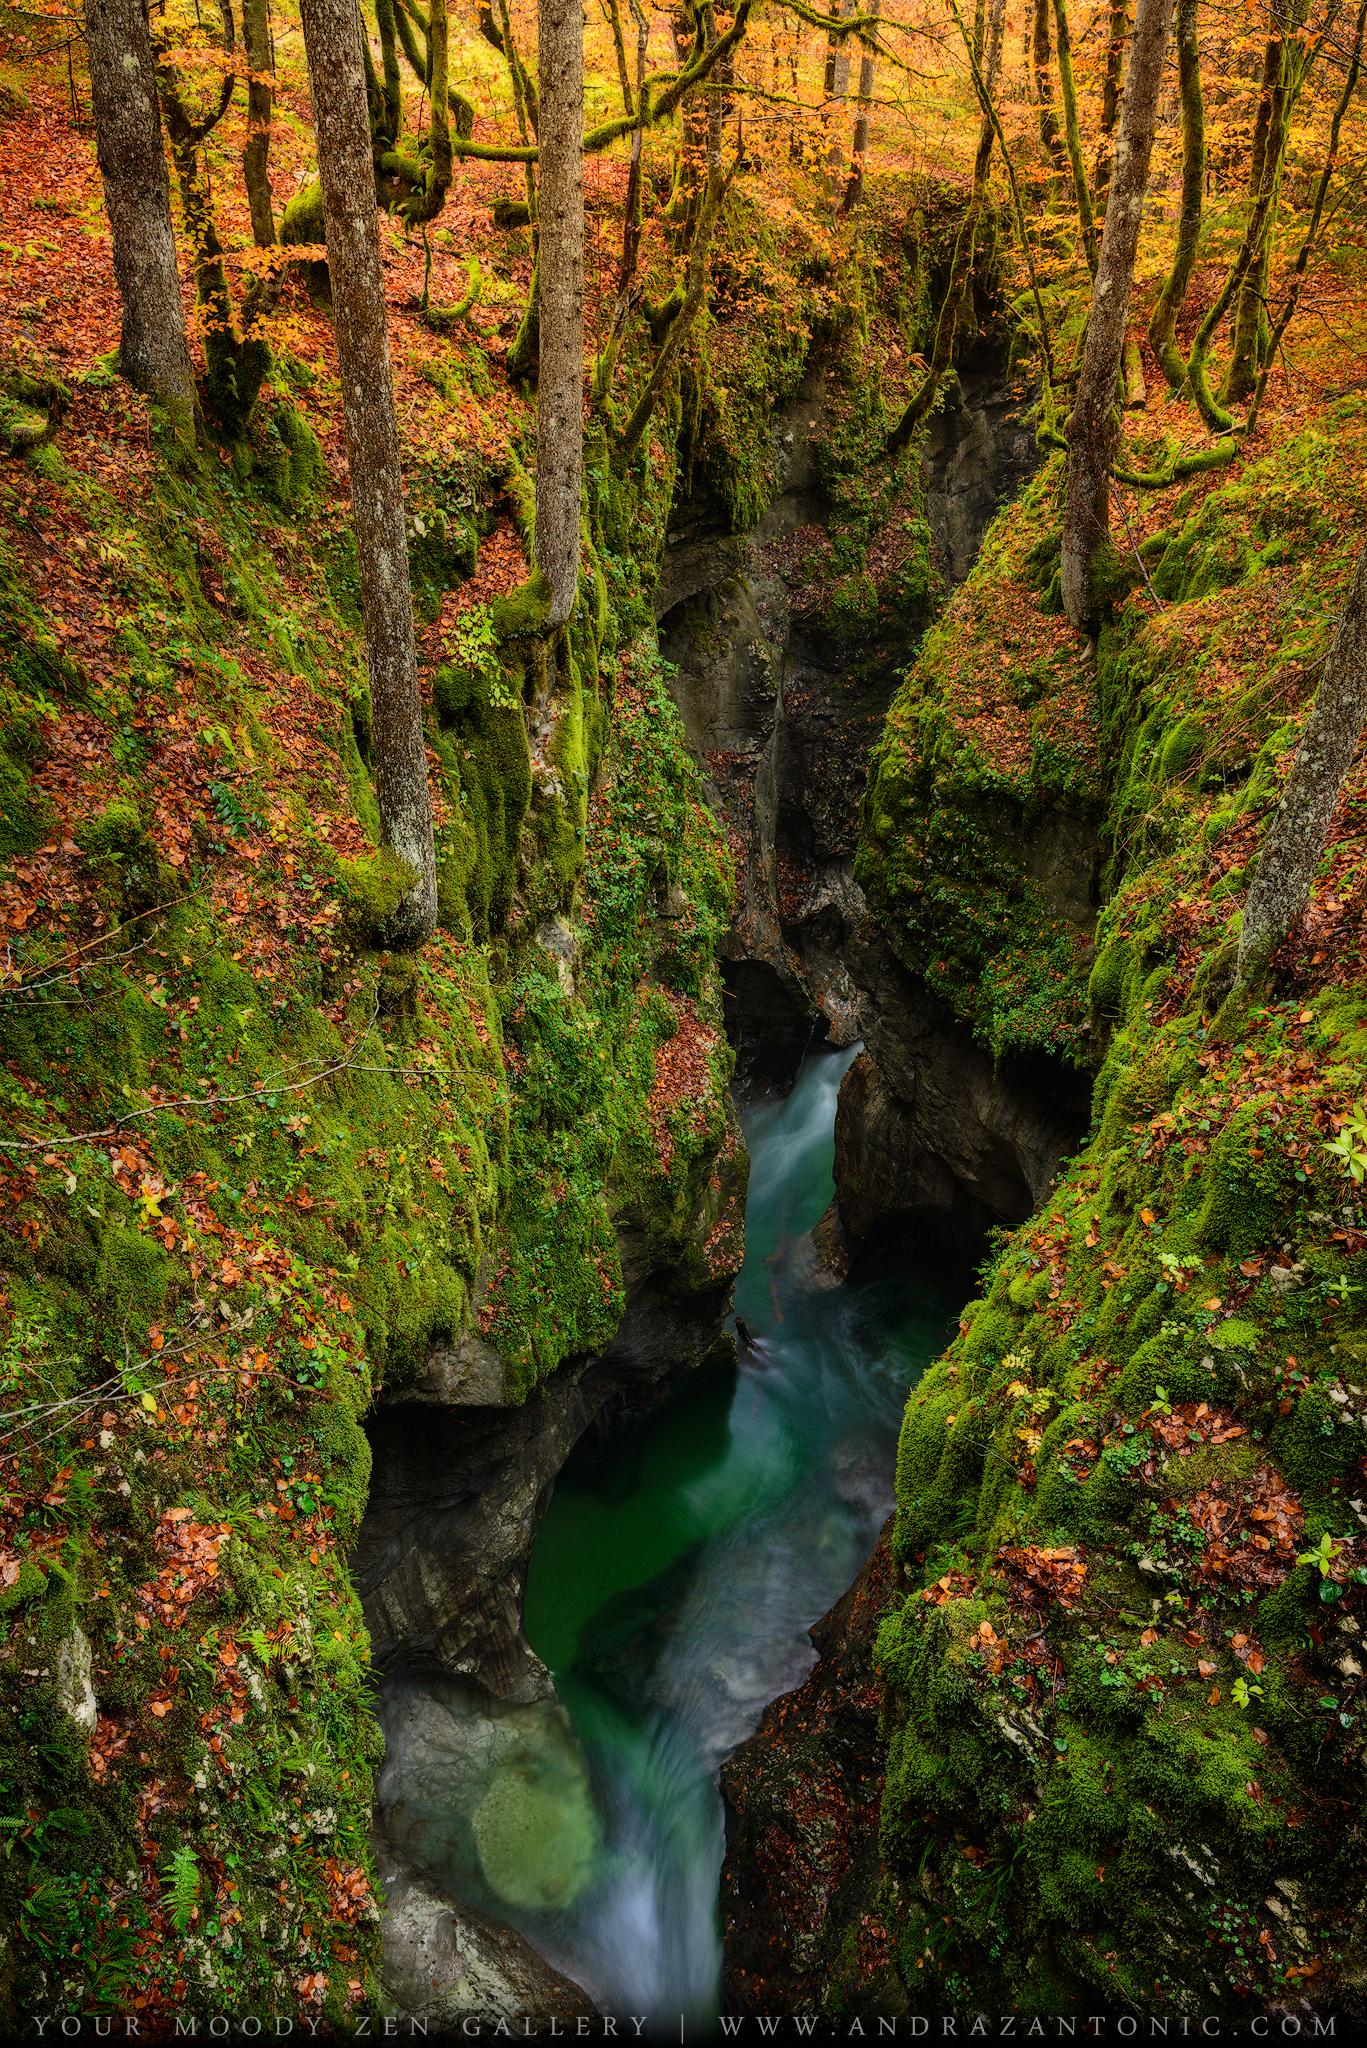 Mostnica_gorge.jpg